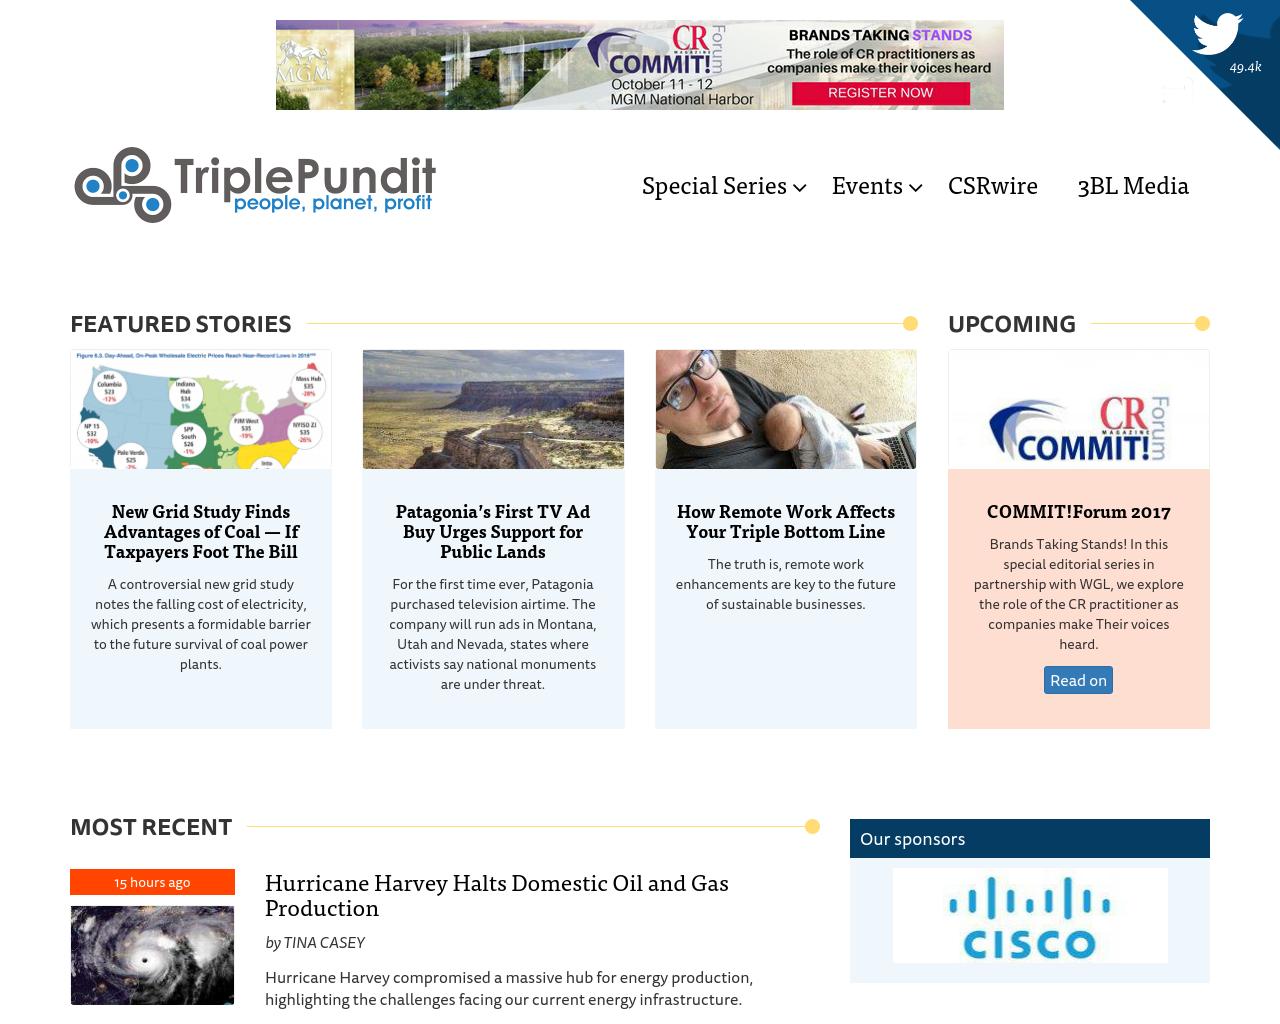 3P-Triple-Pundit-Advertising-Reviews-Pricing